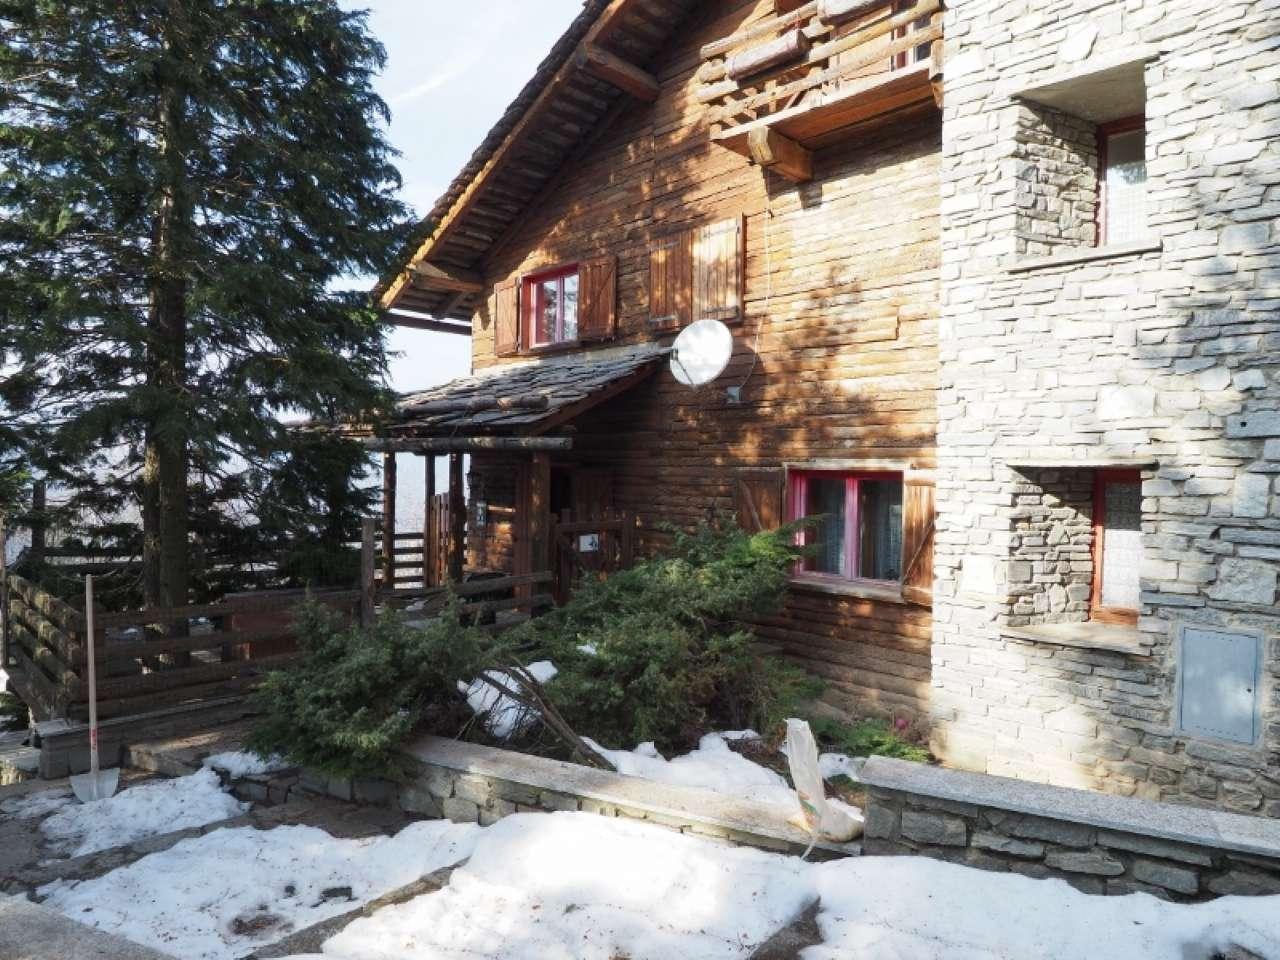 Villa Bifamiliare in vendita a Sauze d'Oulx, 11 locali, prezzo € 650.000 | PortaleAgenzieImmobiliari.it